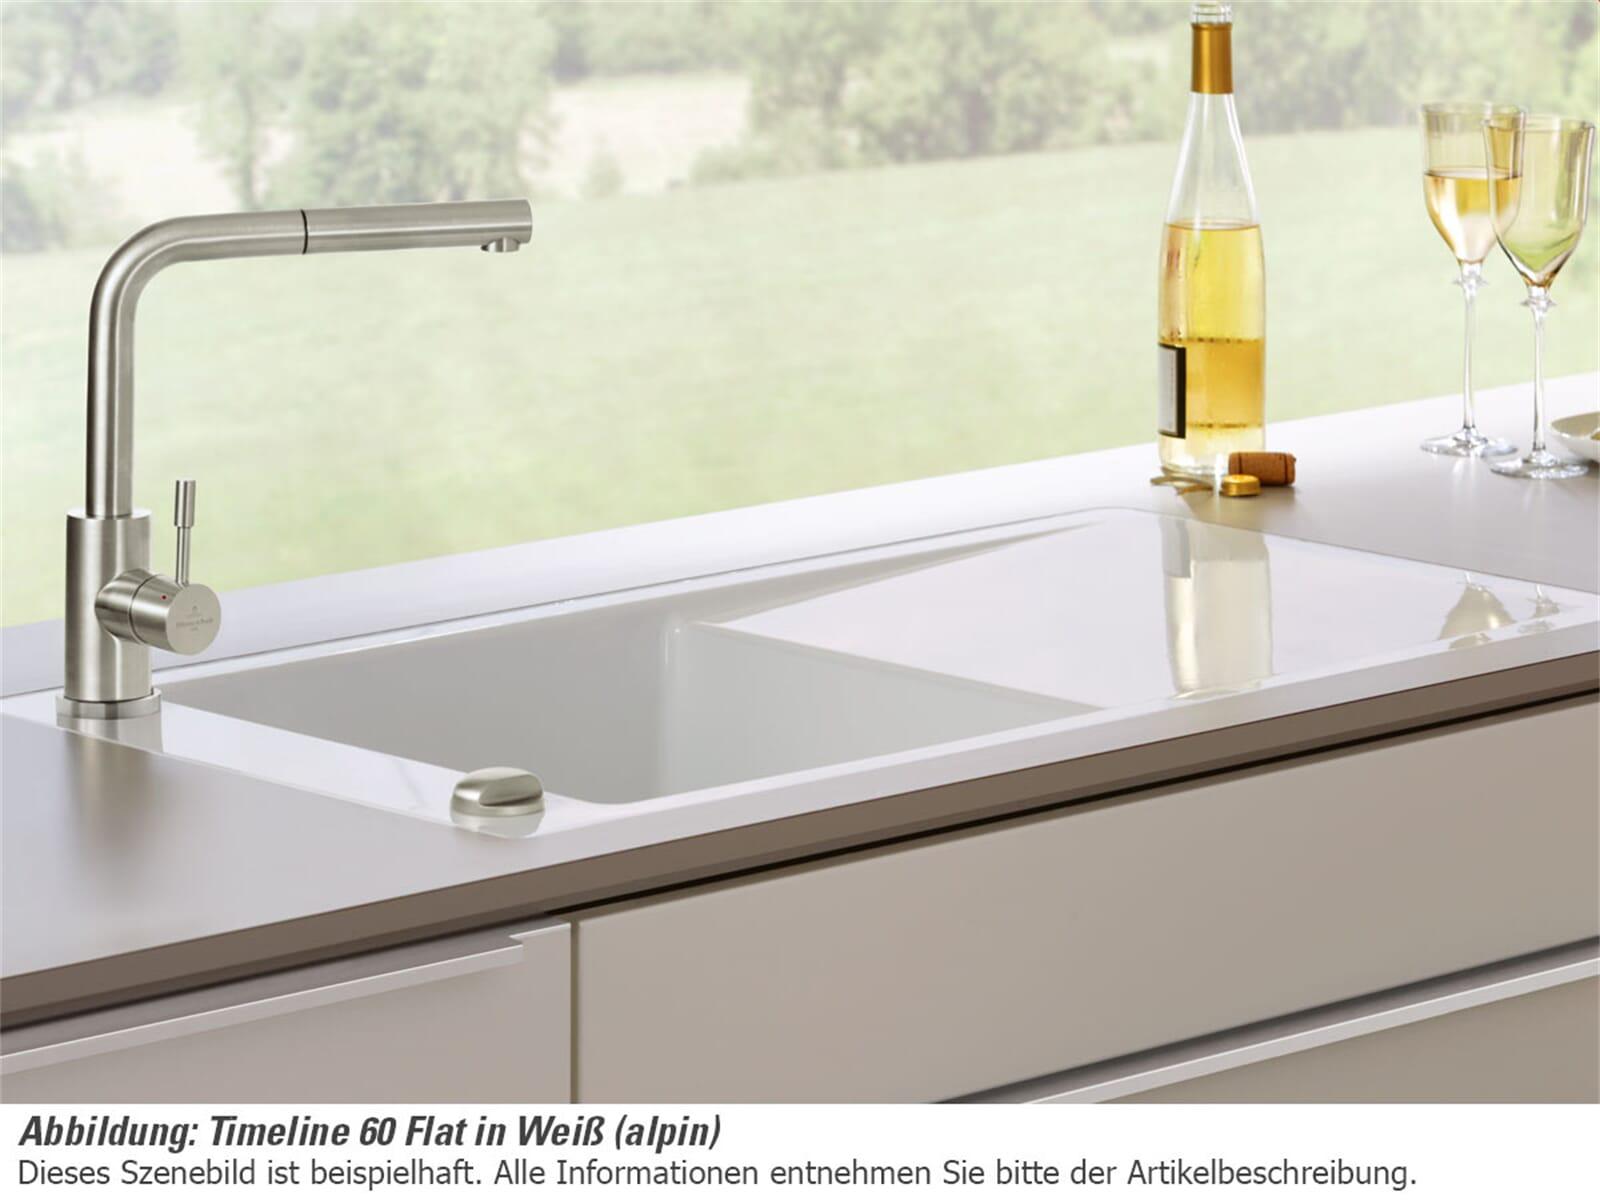 villeroy boch timeline 60 flat ivory beige fl chenb ndig keramik sp lbecken ebay. Black Bedroom Furniture Sets. Home Design Ideas